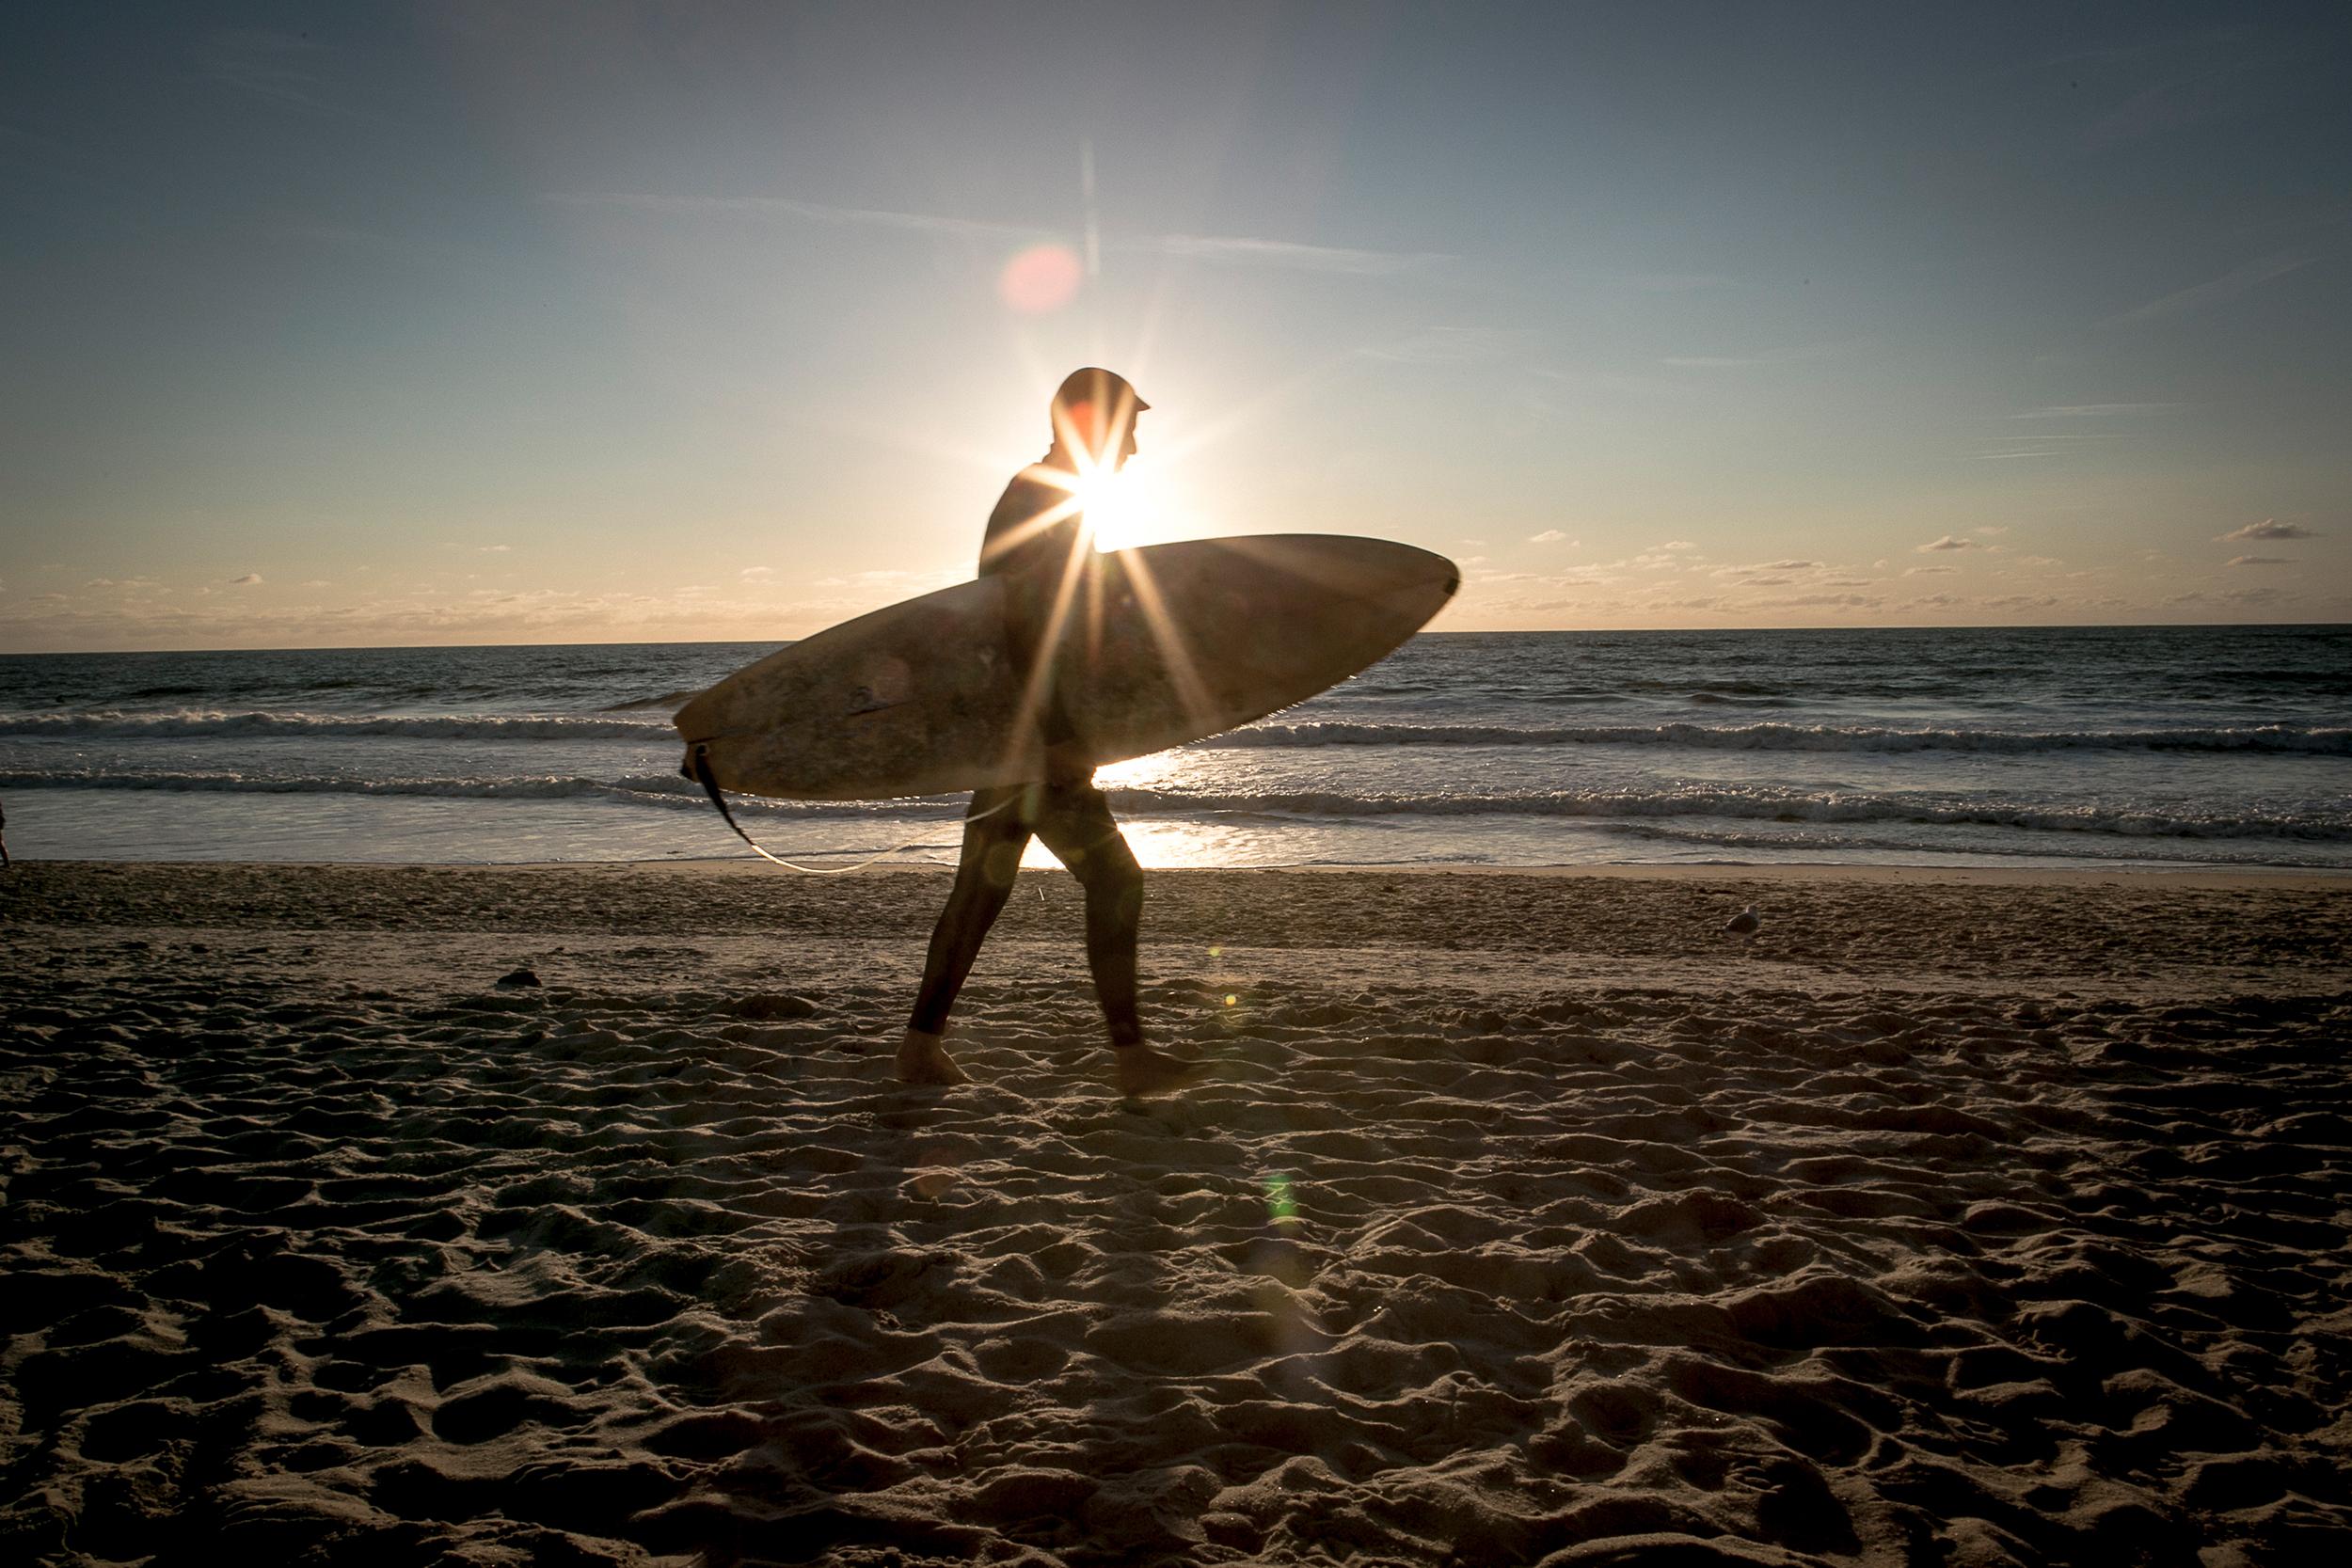 Weststrand_Surfer